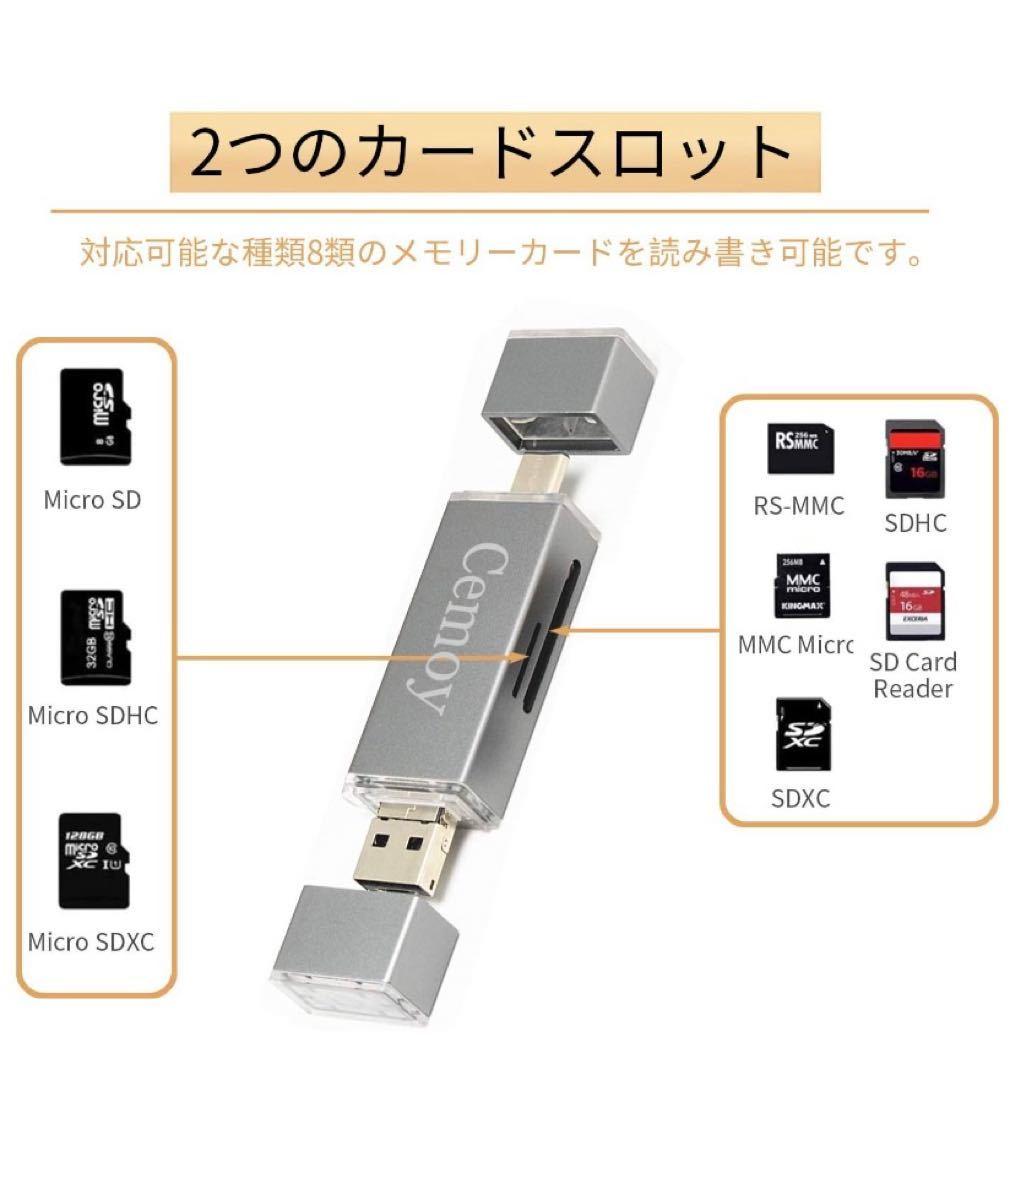 SDカードリーダー 3in1外付メモリーカードリーダー Type-C USB 全対応フラッシュドライブ 容量不足解消データ転送